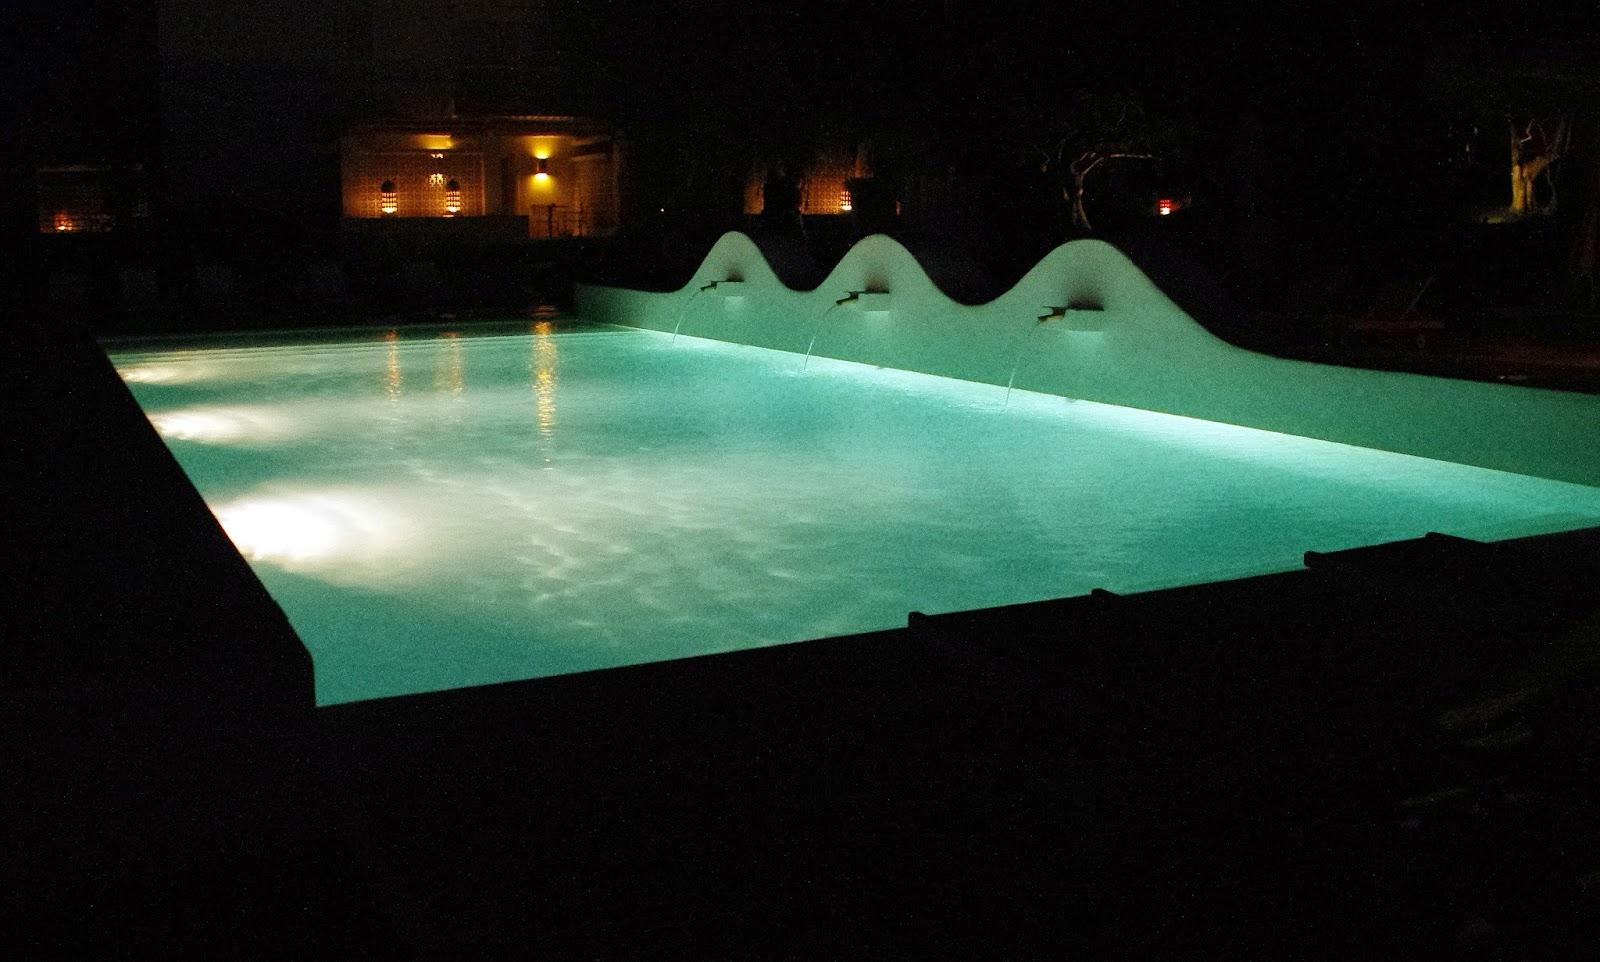 Vila Monte Farm House Portugal Pool by night